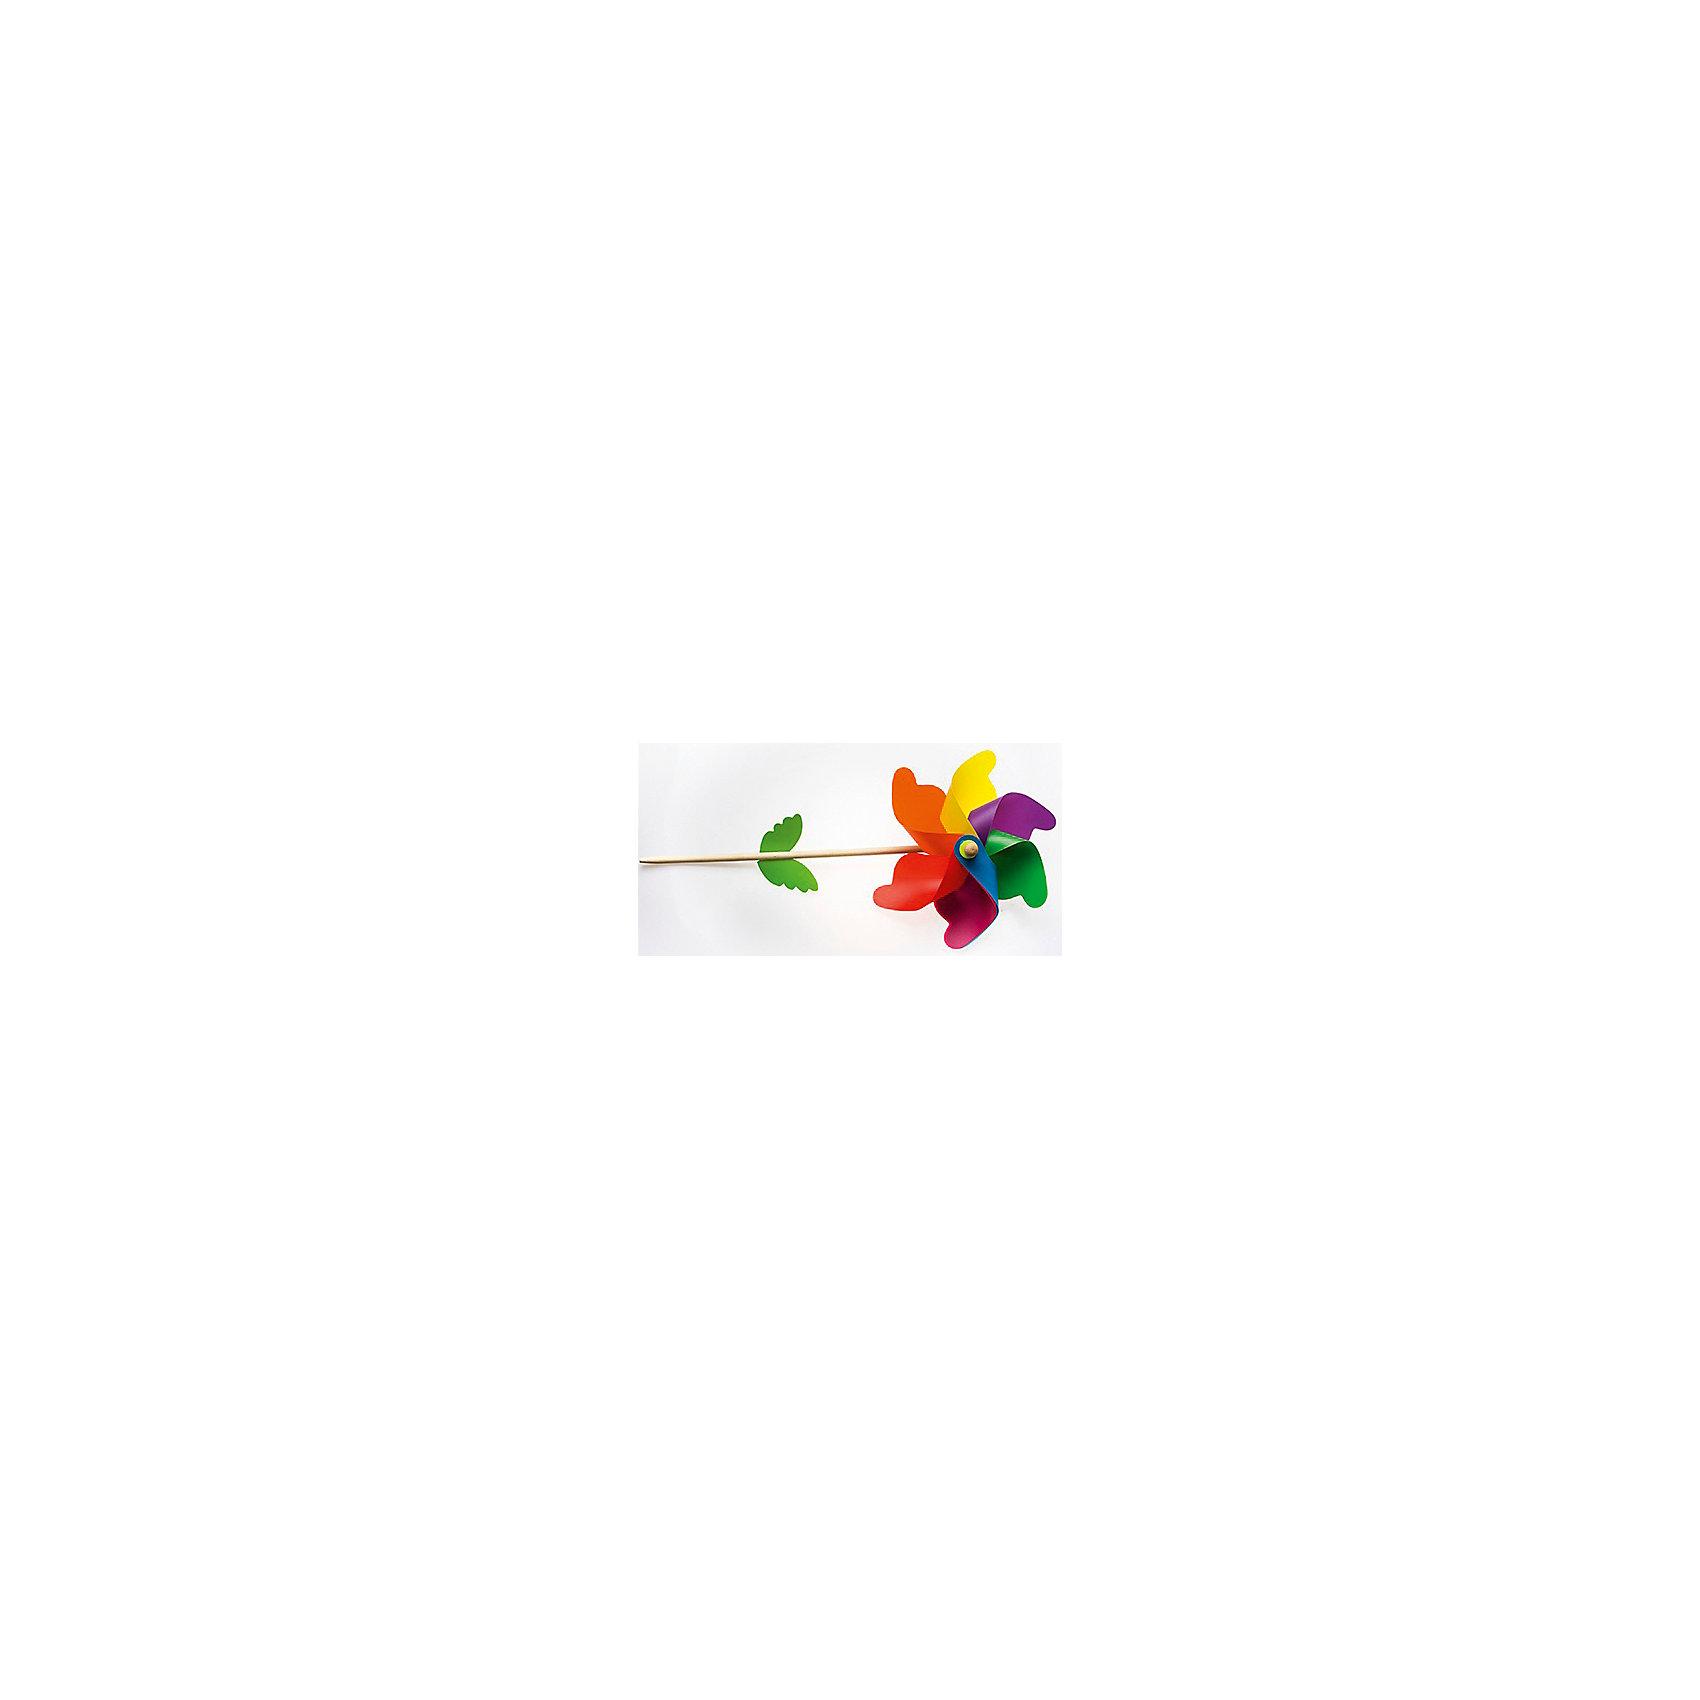 Флюгер Радуга, InSummerФлюгер Радуга, InSummer<br><br>Характеристики:<br><br>- Состав: дерево, пластик  <br>Флюгер Радуга от производителя игр и товаров для детей InSummer (Инсаммер). Этот флюгер напоминает нам цветик семицветик из сказки, у которого лепестки были всех цветов радуги. С таким флюгером будет так приятно и увлекательно наблюдать за тем как он крутится от ветра. Для более интересных фотографий малыша можно взять этот цветной флюгер. Он станет отличным компаньоном на прогулках и поможет развить координацию движений и узнать больше о природных силах, которые существуют. <br>Флюгер Радуга, InSummer (Инсаммер) можно купить в нашем интернет-магазине.<br>Подробнее:<br>• Для детей в возрасте: от 3 до 6 лет <br>• Номер товара: 4624468<br>Страна производитель: Китай<br><br>Ширина мм: 600<br>Глубина мм: 360<br>Высота мм: 270<br>Вес г: 8<br>Возраст от месяцев: 36<br>Возраст до месяцев: 120<br>Пол: Унисекс<br>Возраст: Детский<br>SKU: 4624468